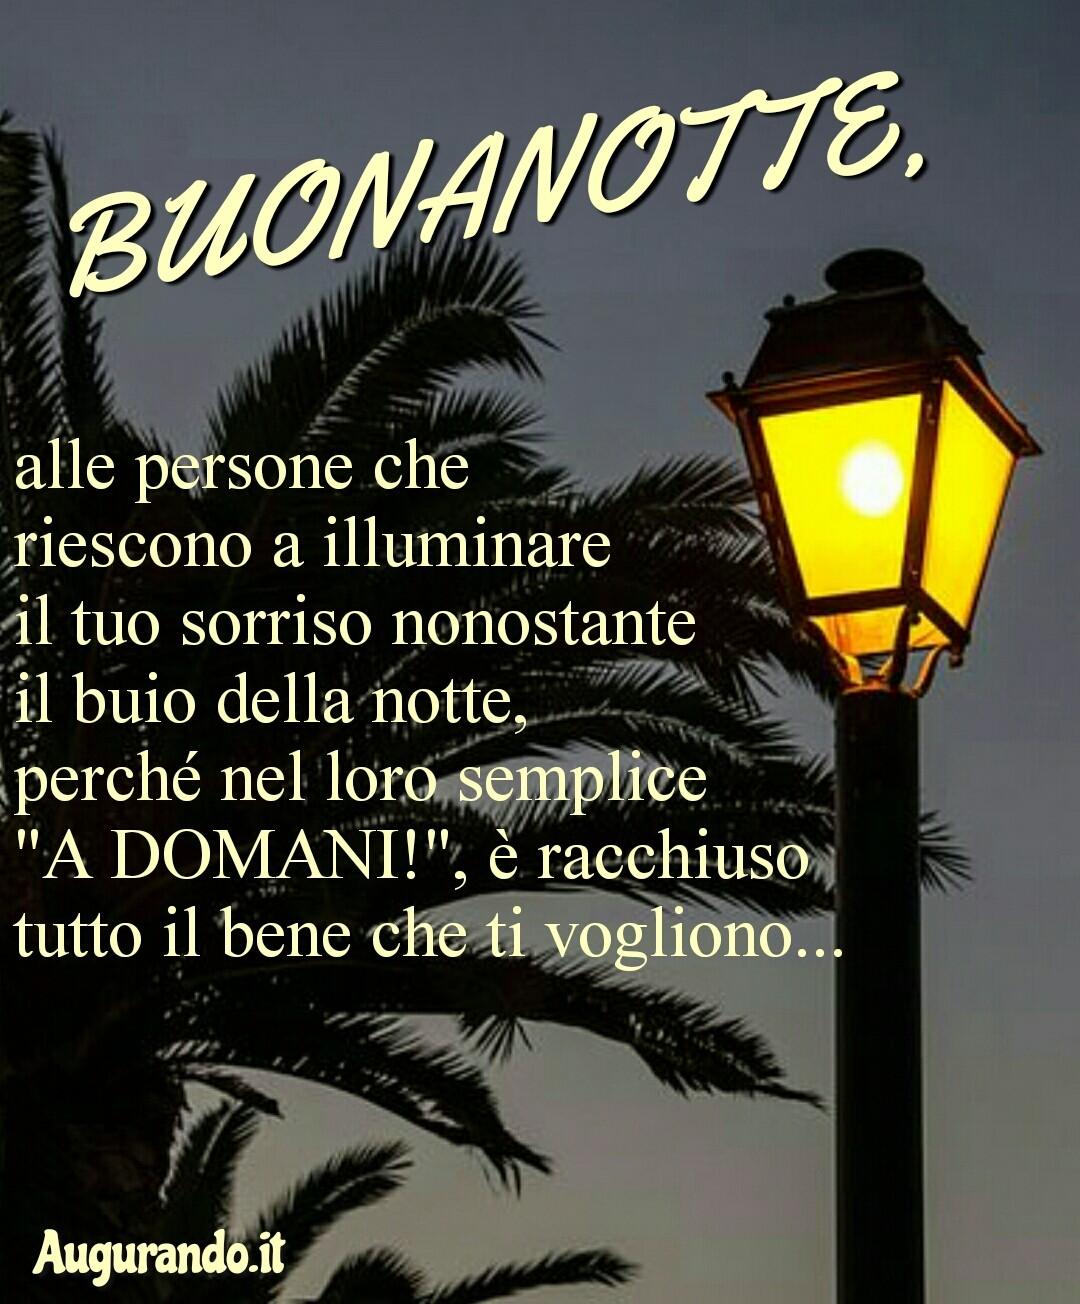 Buonanotte, buona notte, notte, dolce notte, dolcissima notte, dolci sogni, dolcissimi sogni, sogni sereni, sogni d'oro,